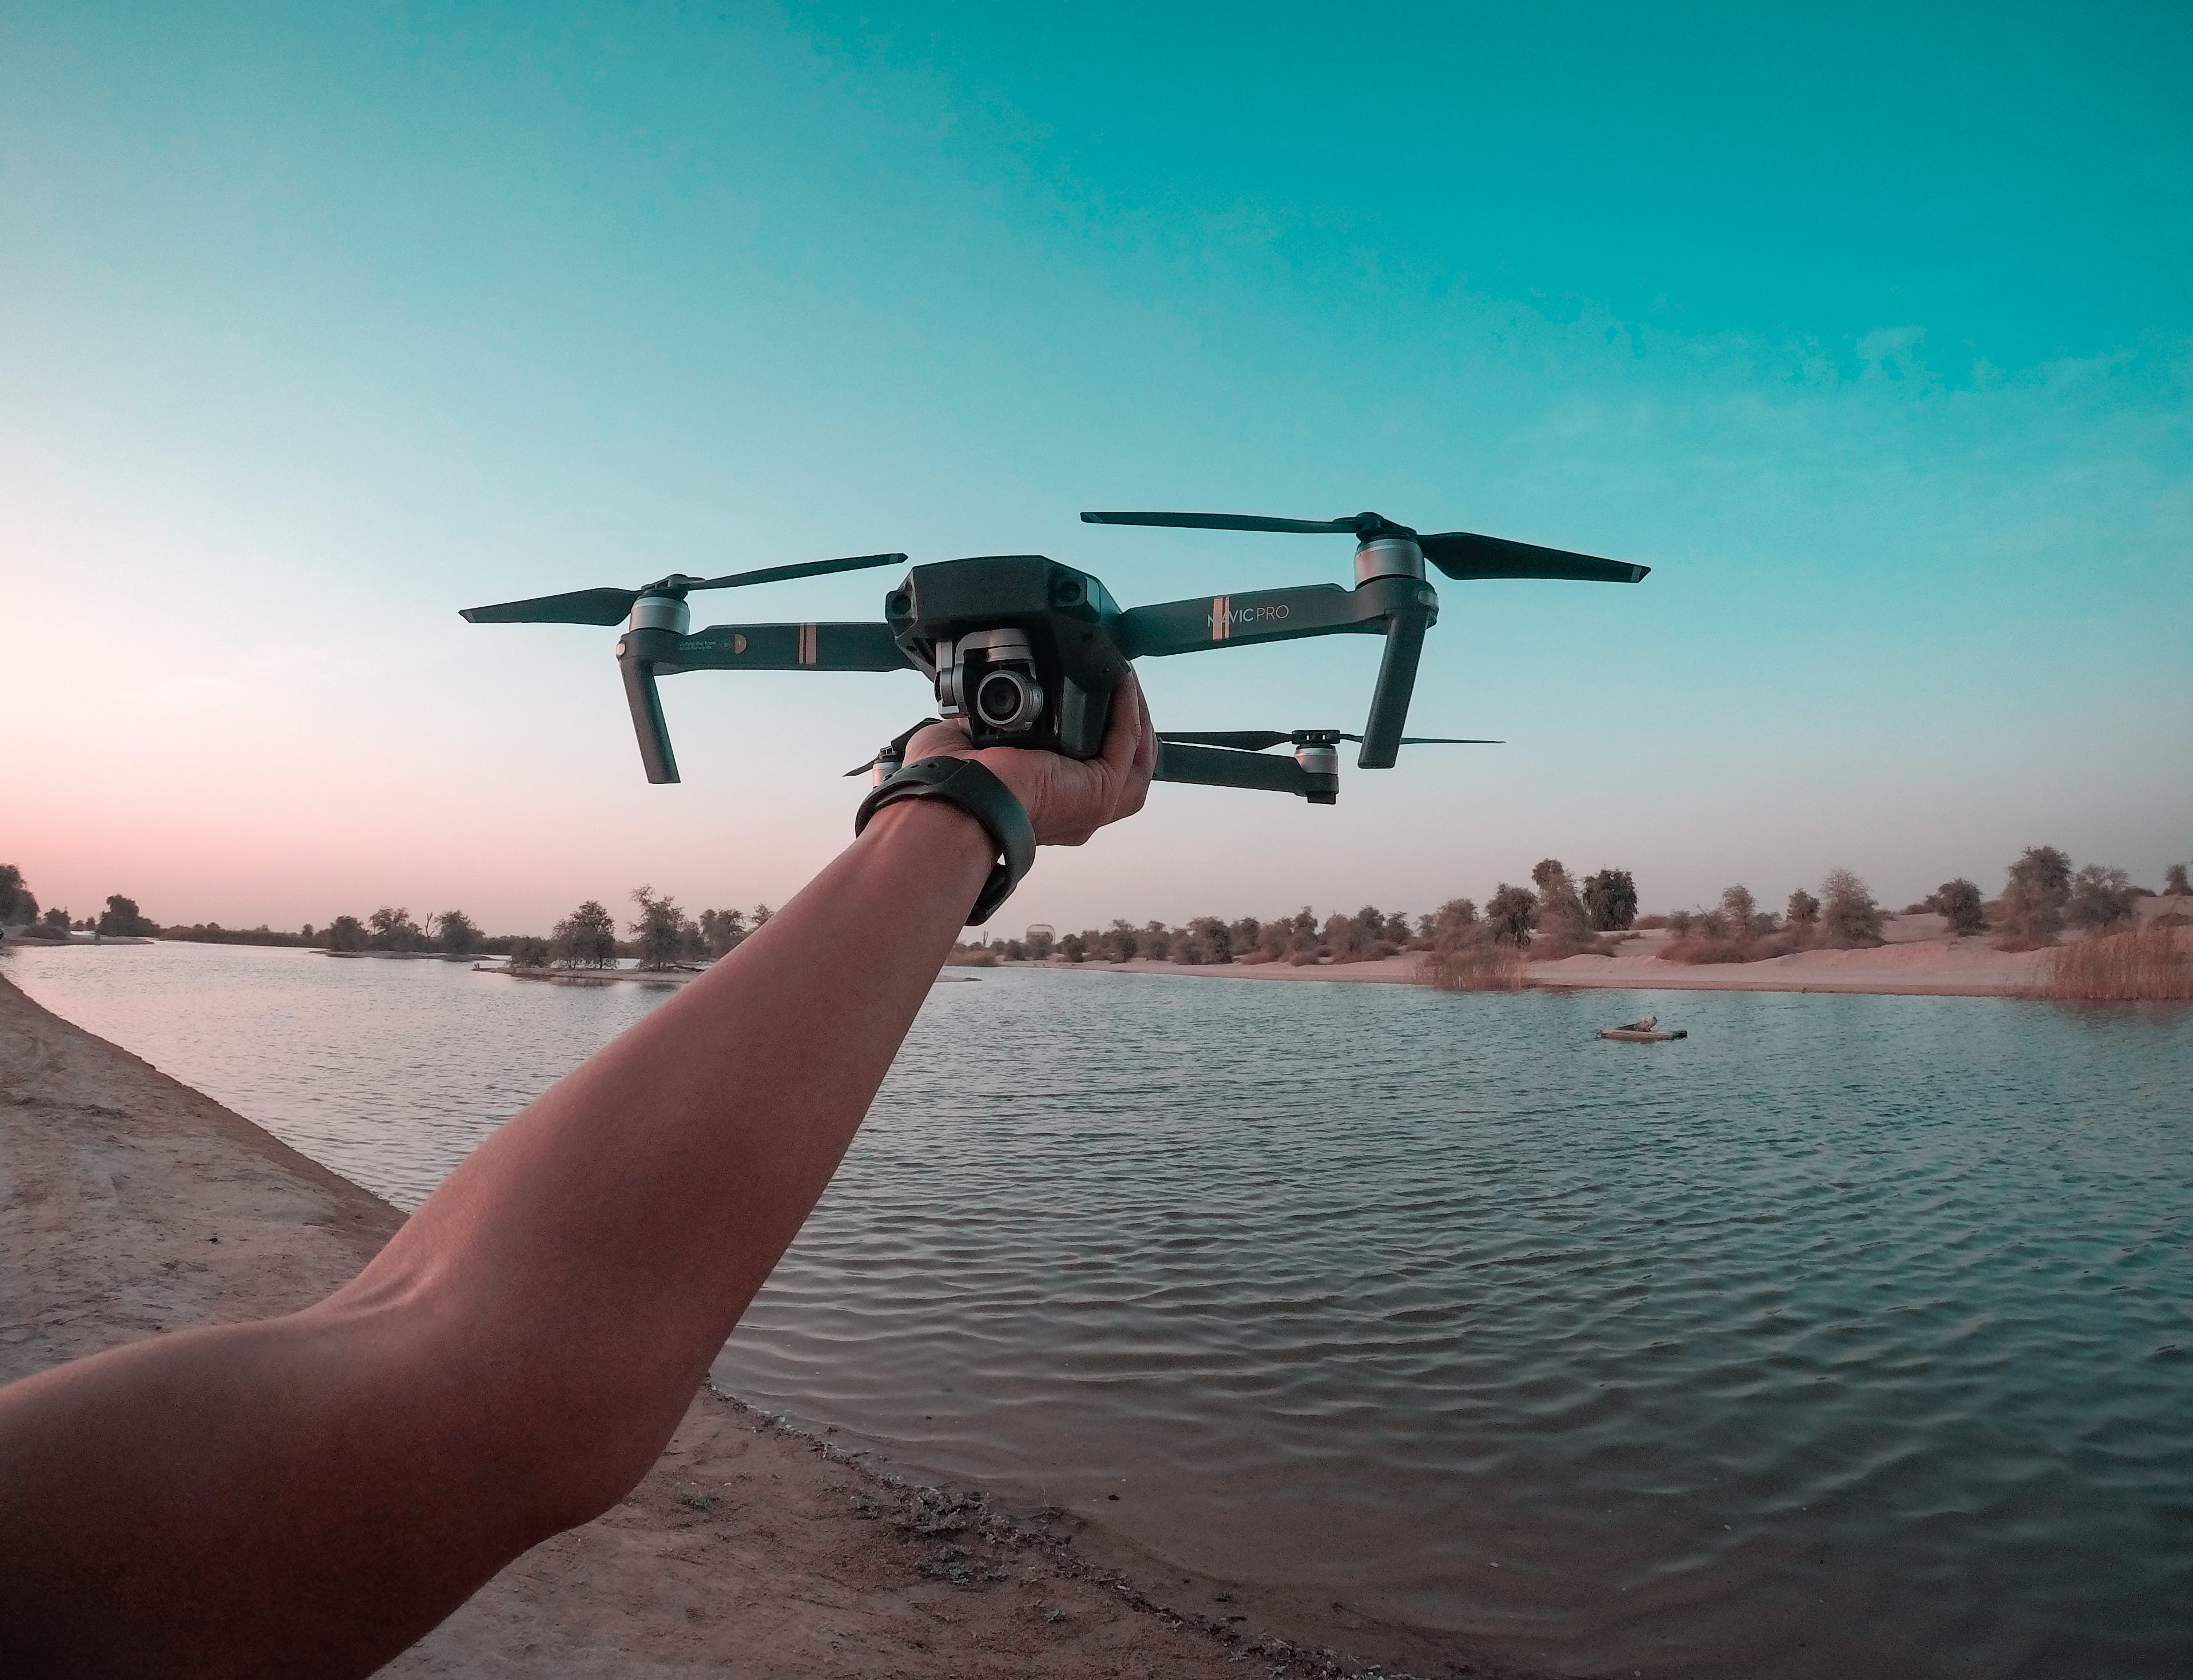 Δωρεάν στοκ φωτογραφιών με dji, drone, drone cam, αεροσκάφος